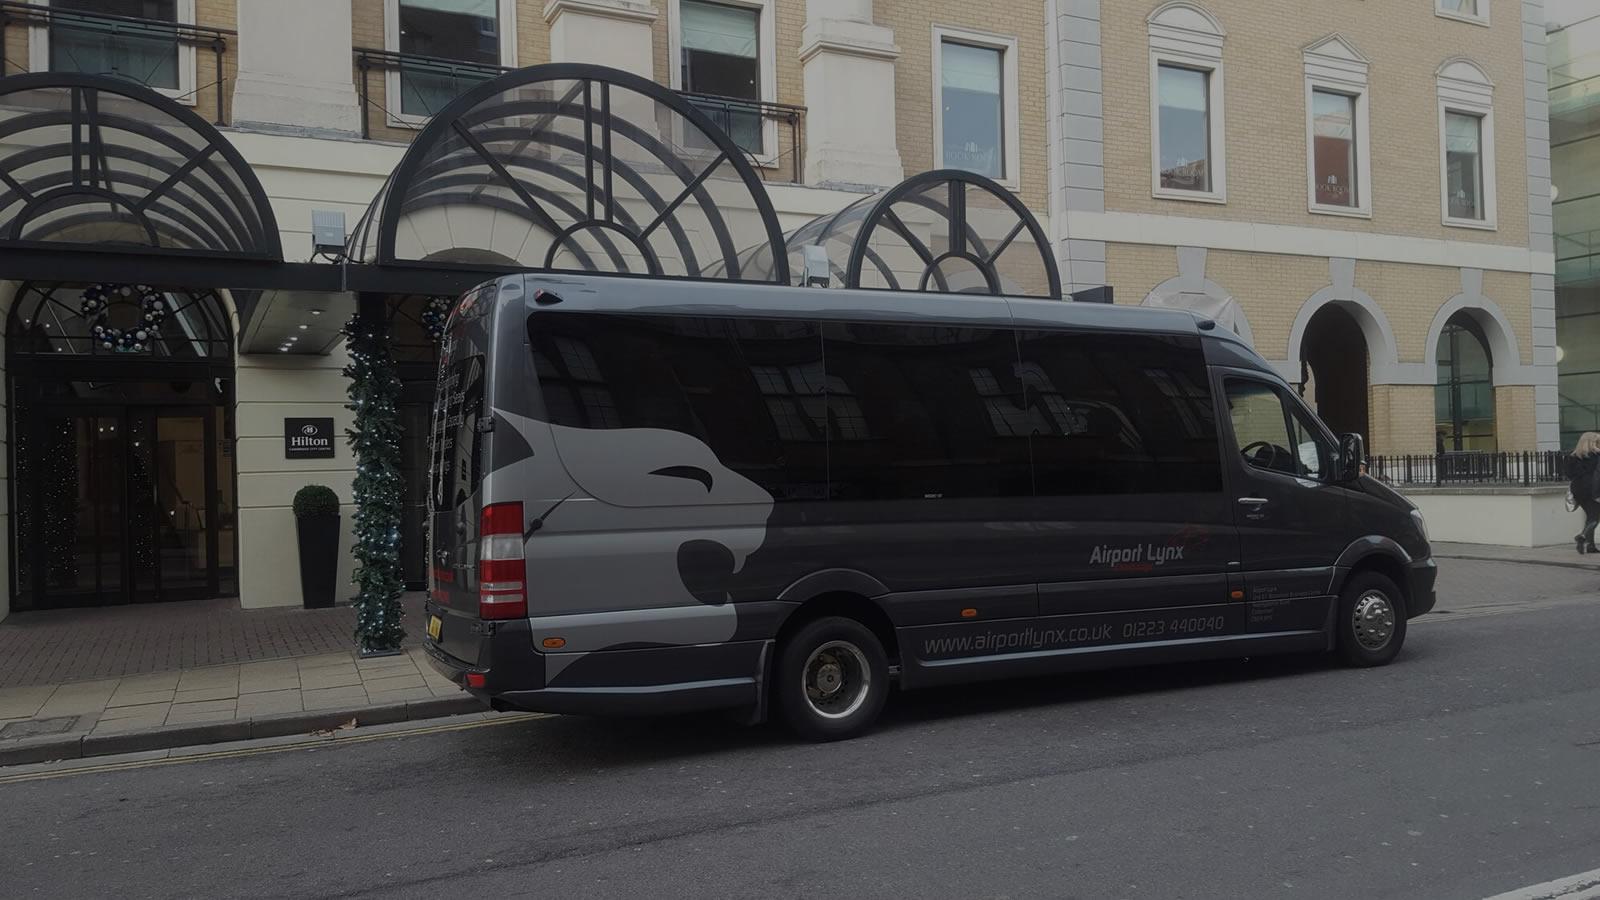 Image of a minibus